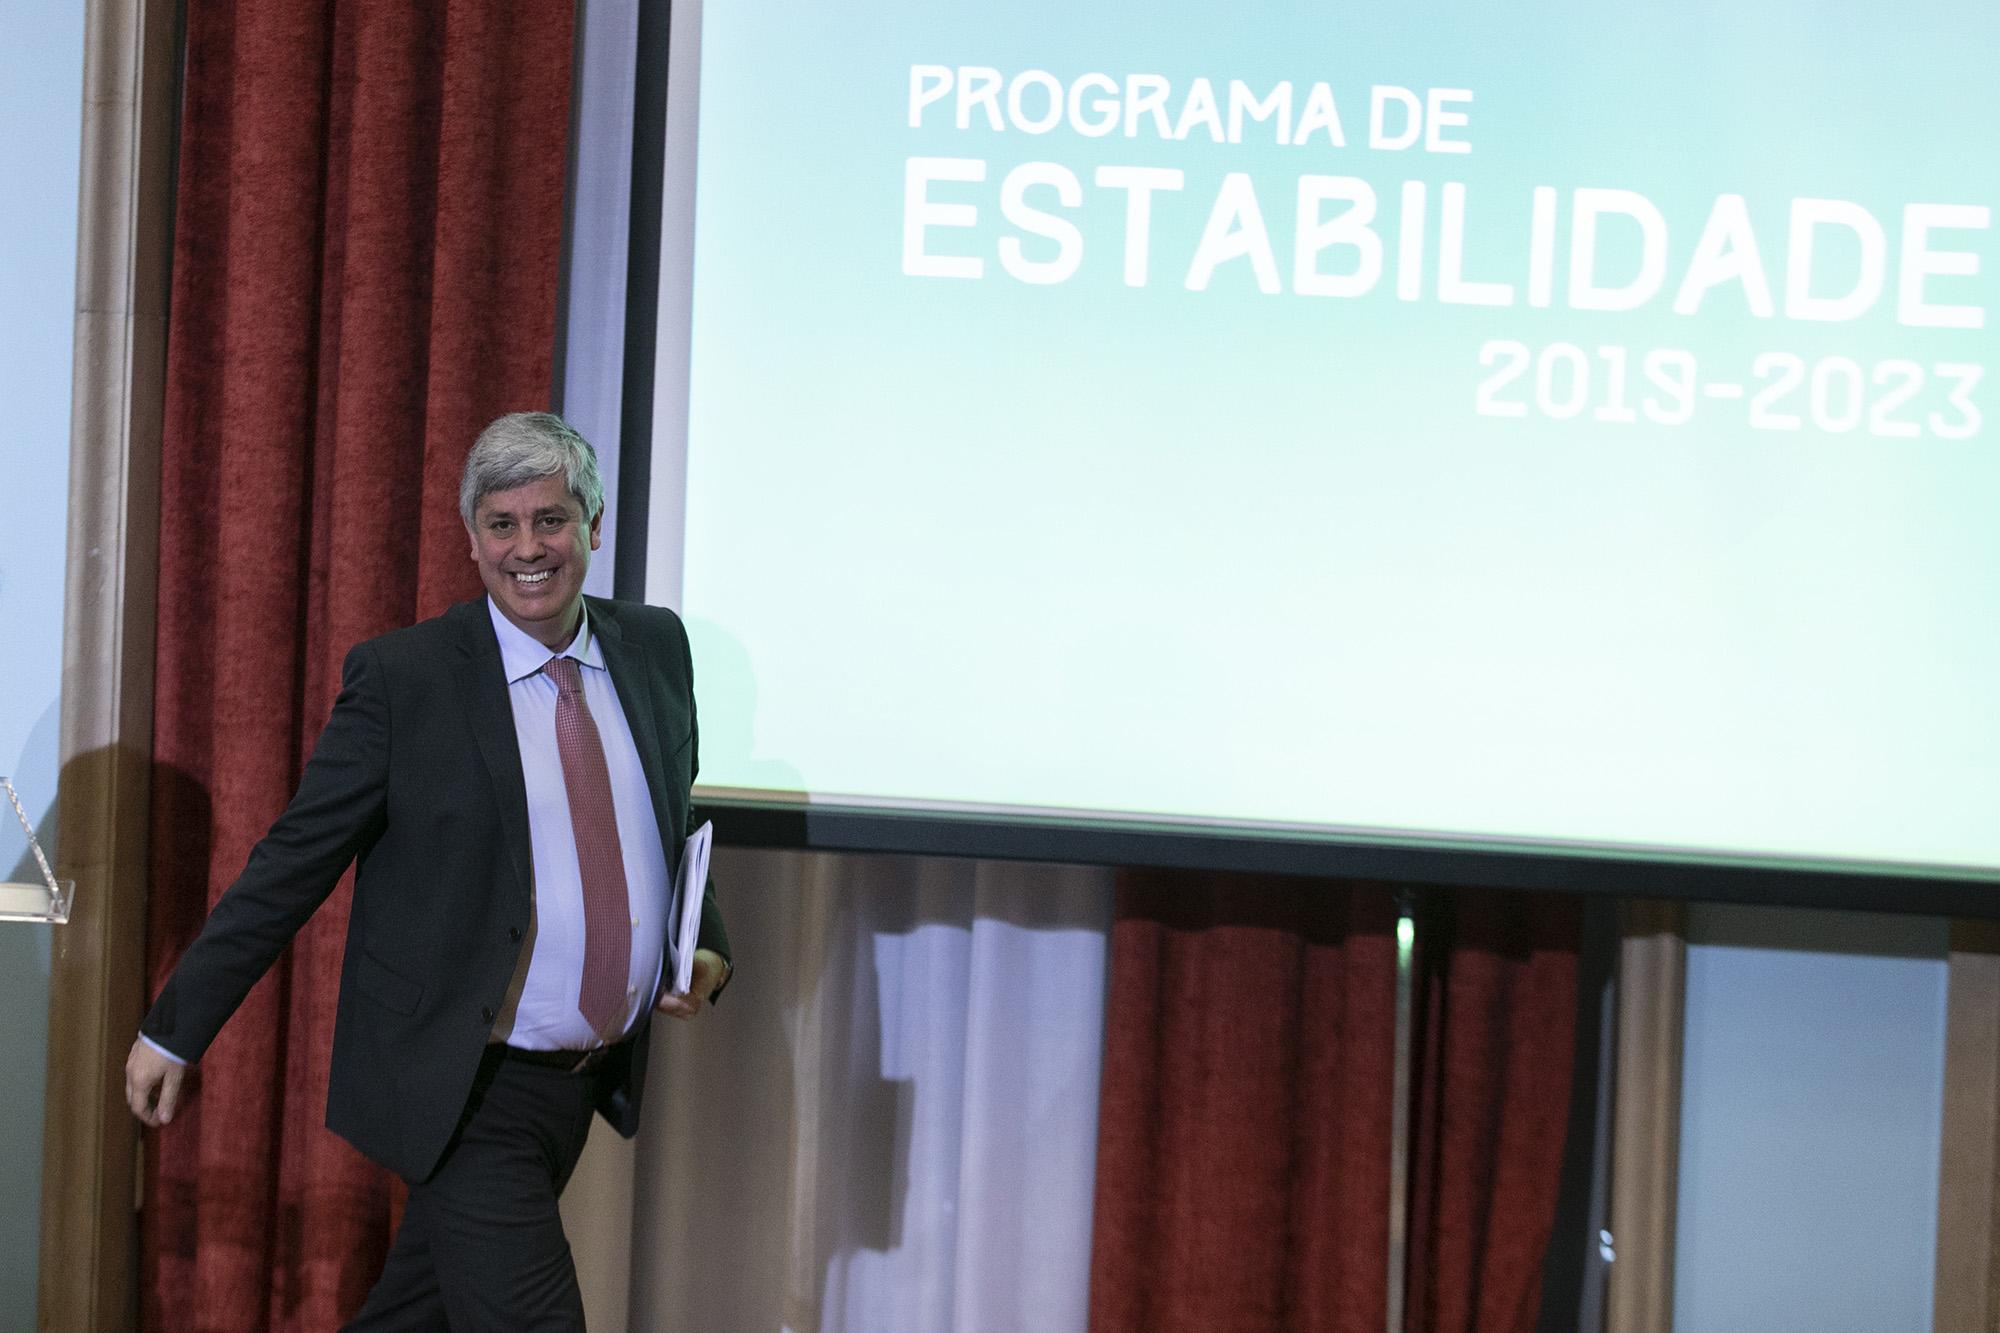 Apresentação do Programa de Estabilidade 2019-2023 - 15ABR19